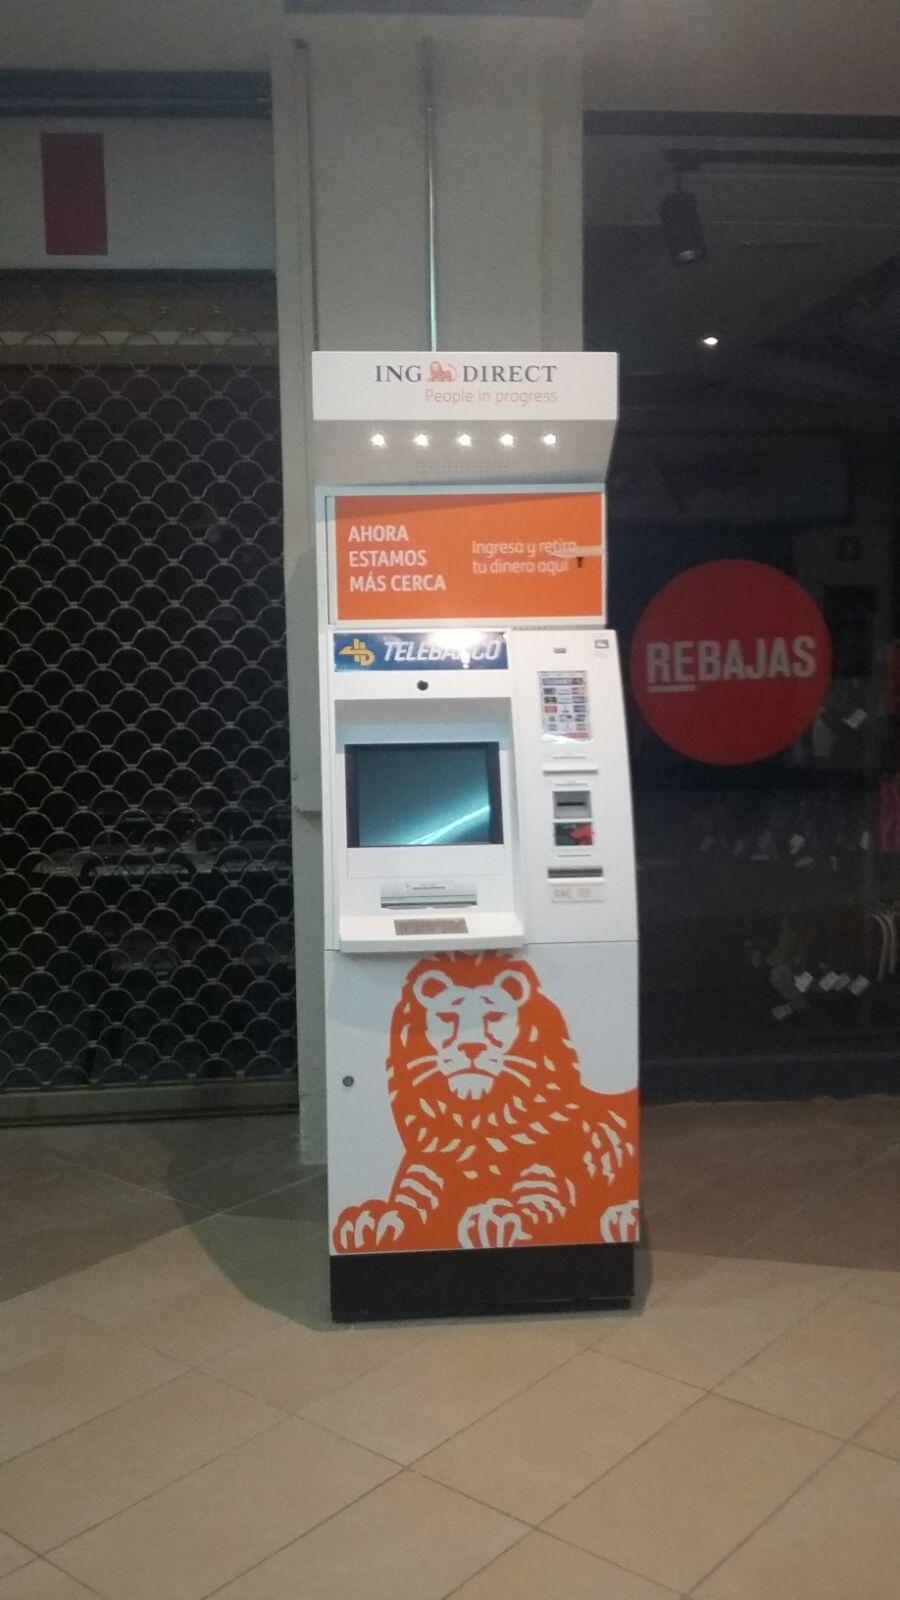 Bojuna encargada de la instalaci n de cajeros de ing en for Cajeros barcelona